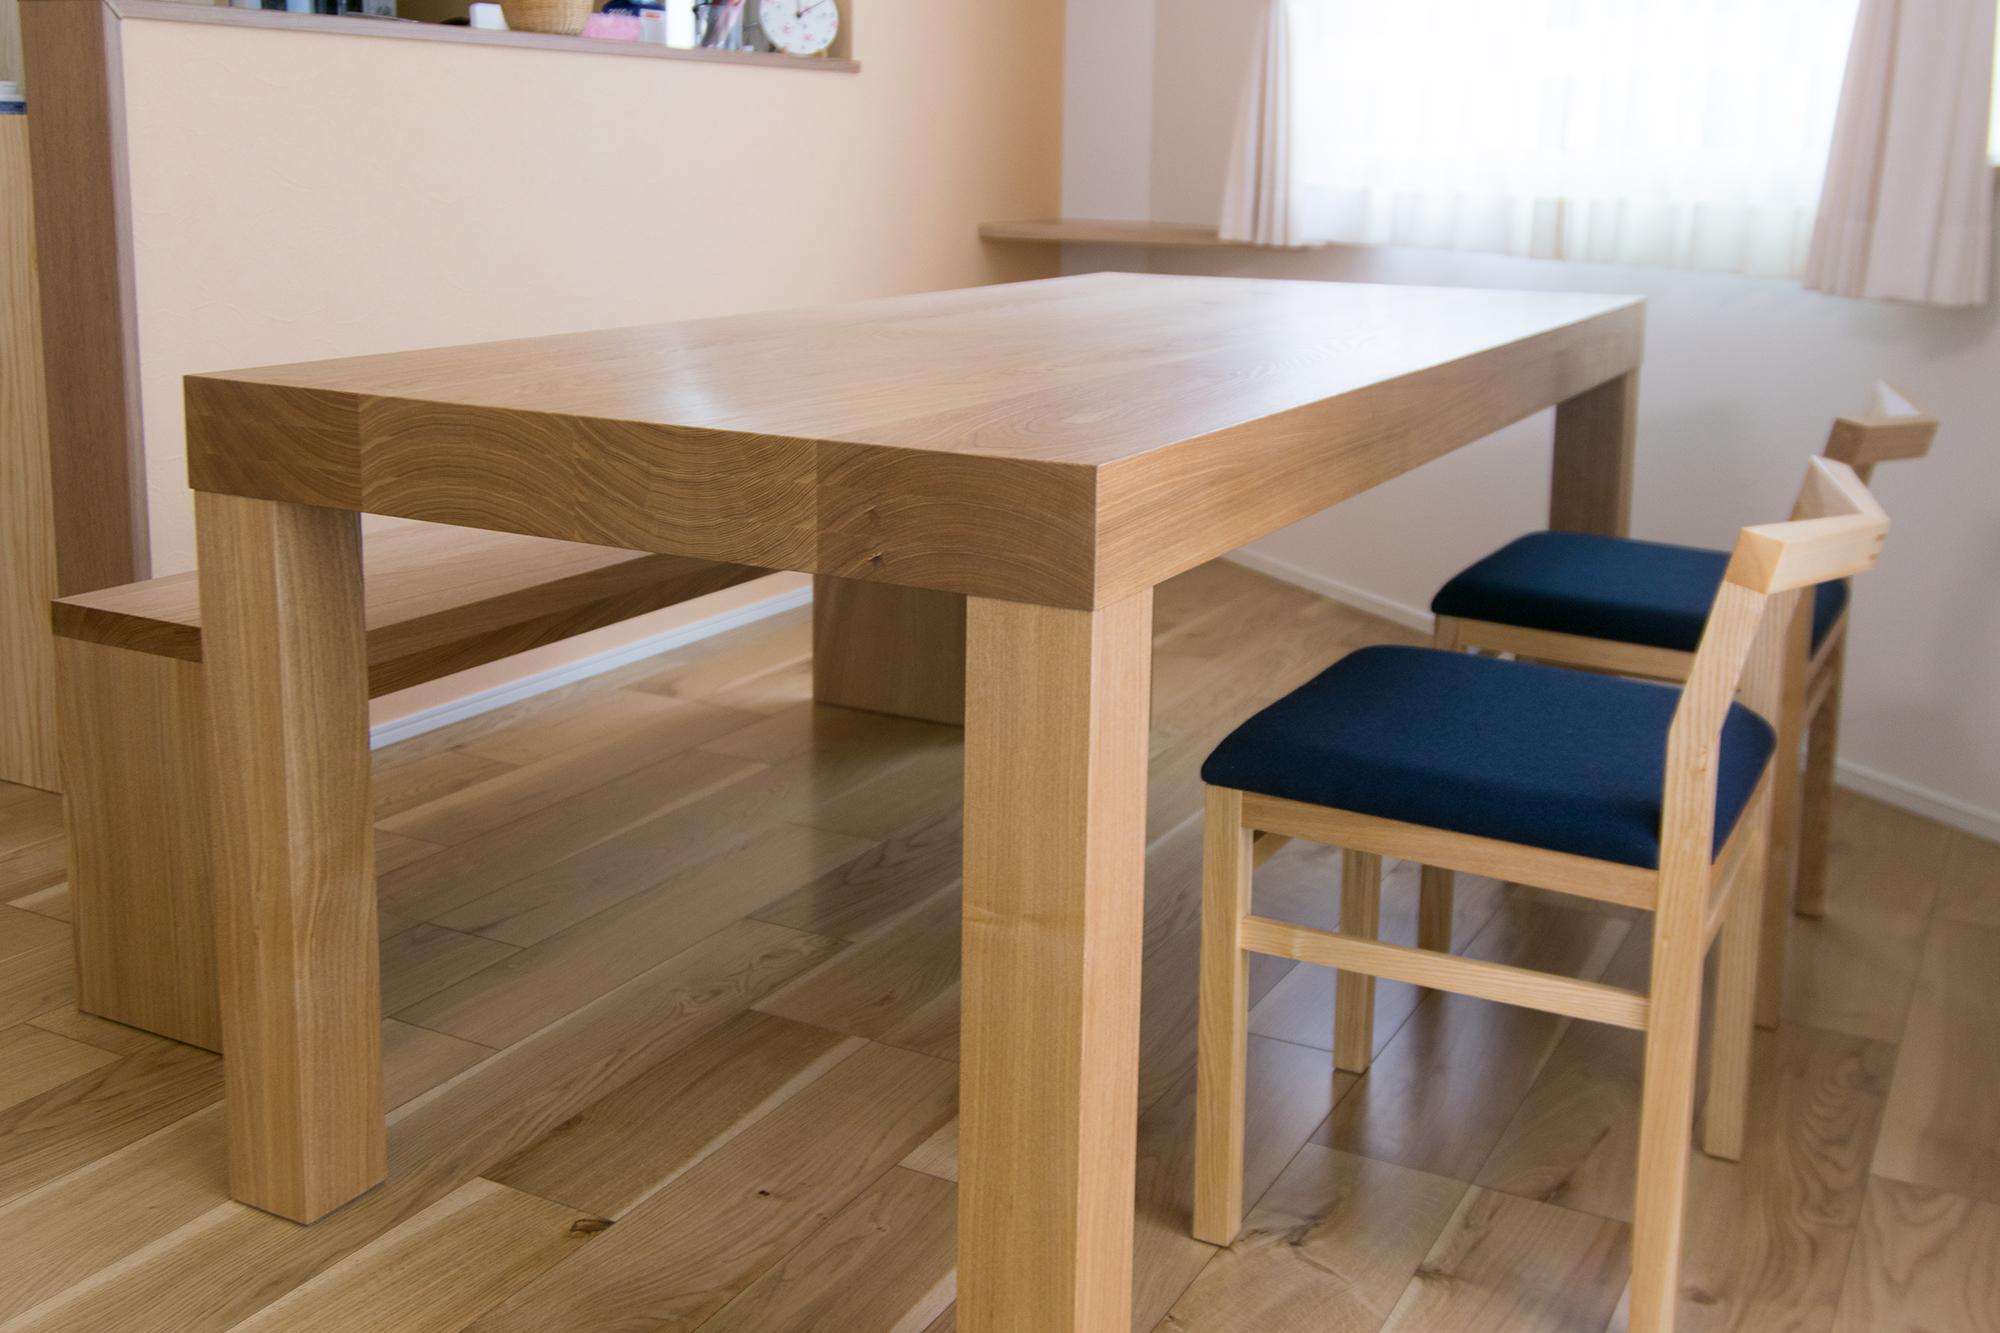 テーブルとベンチと椅子はすべてタモ材のダイニングセット